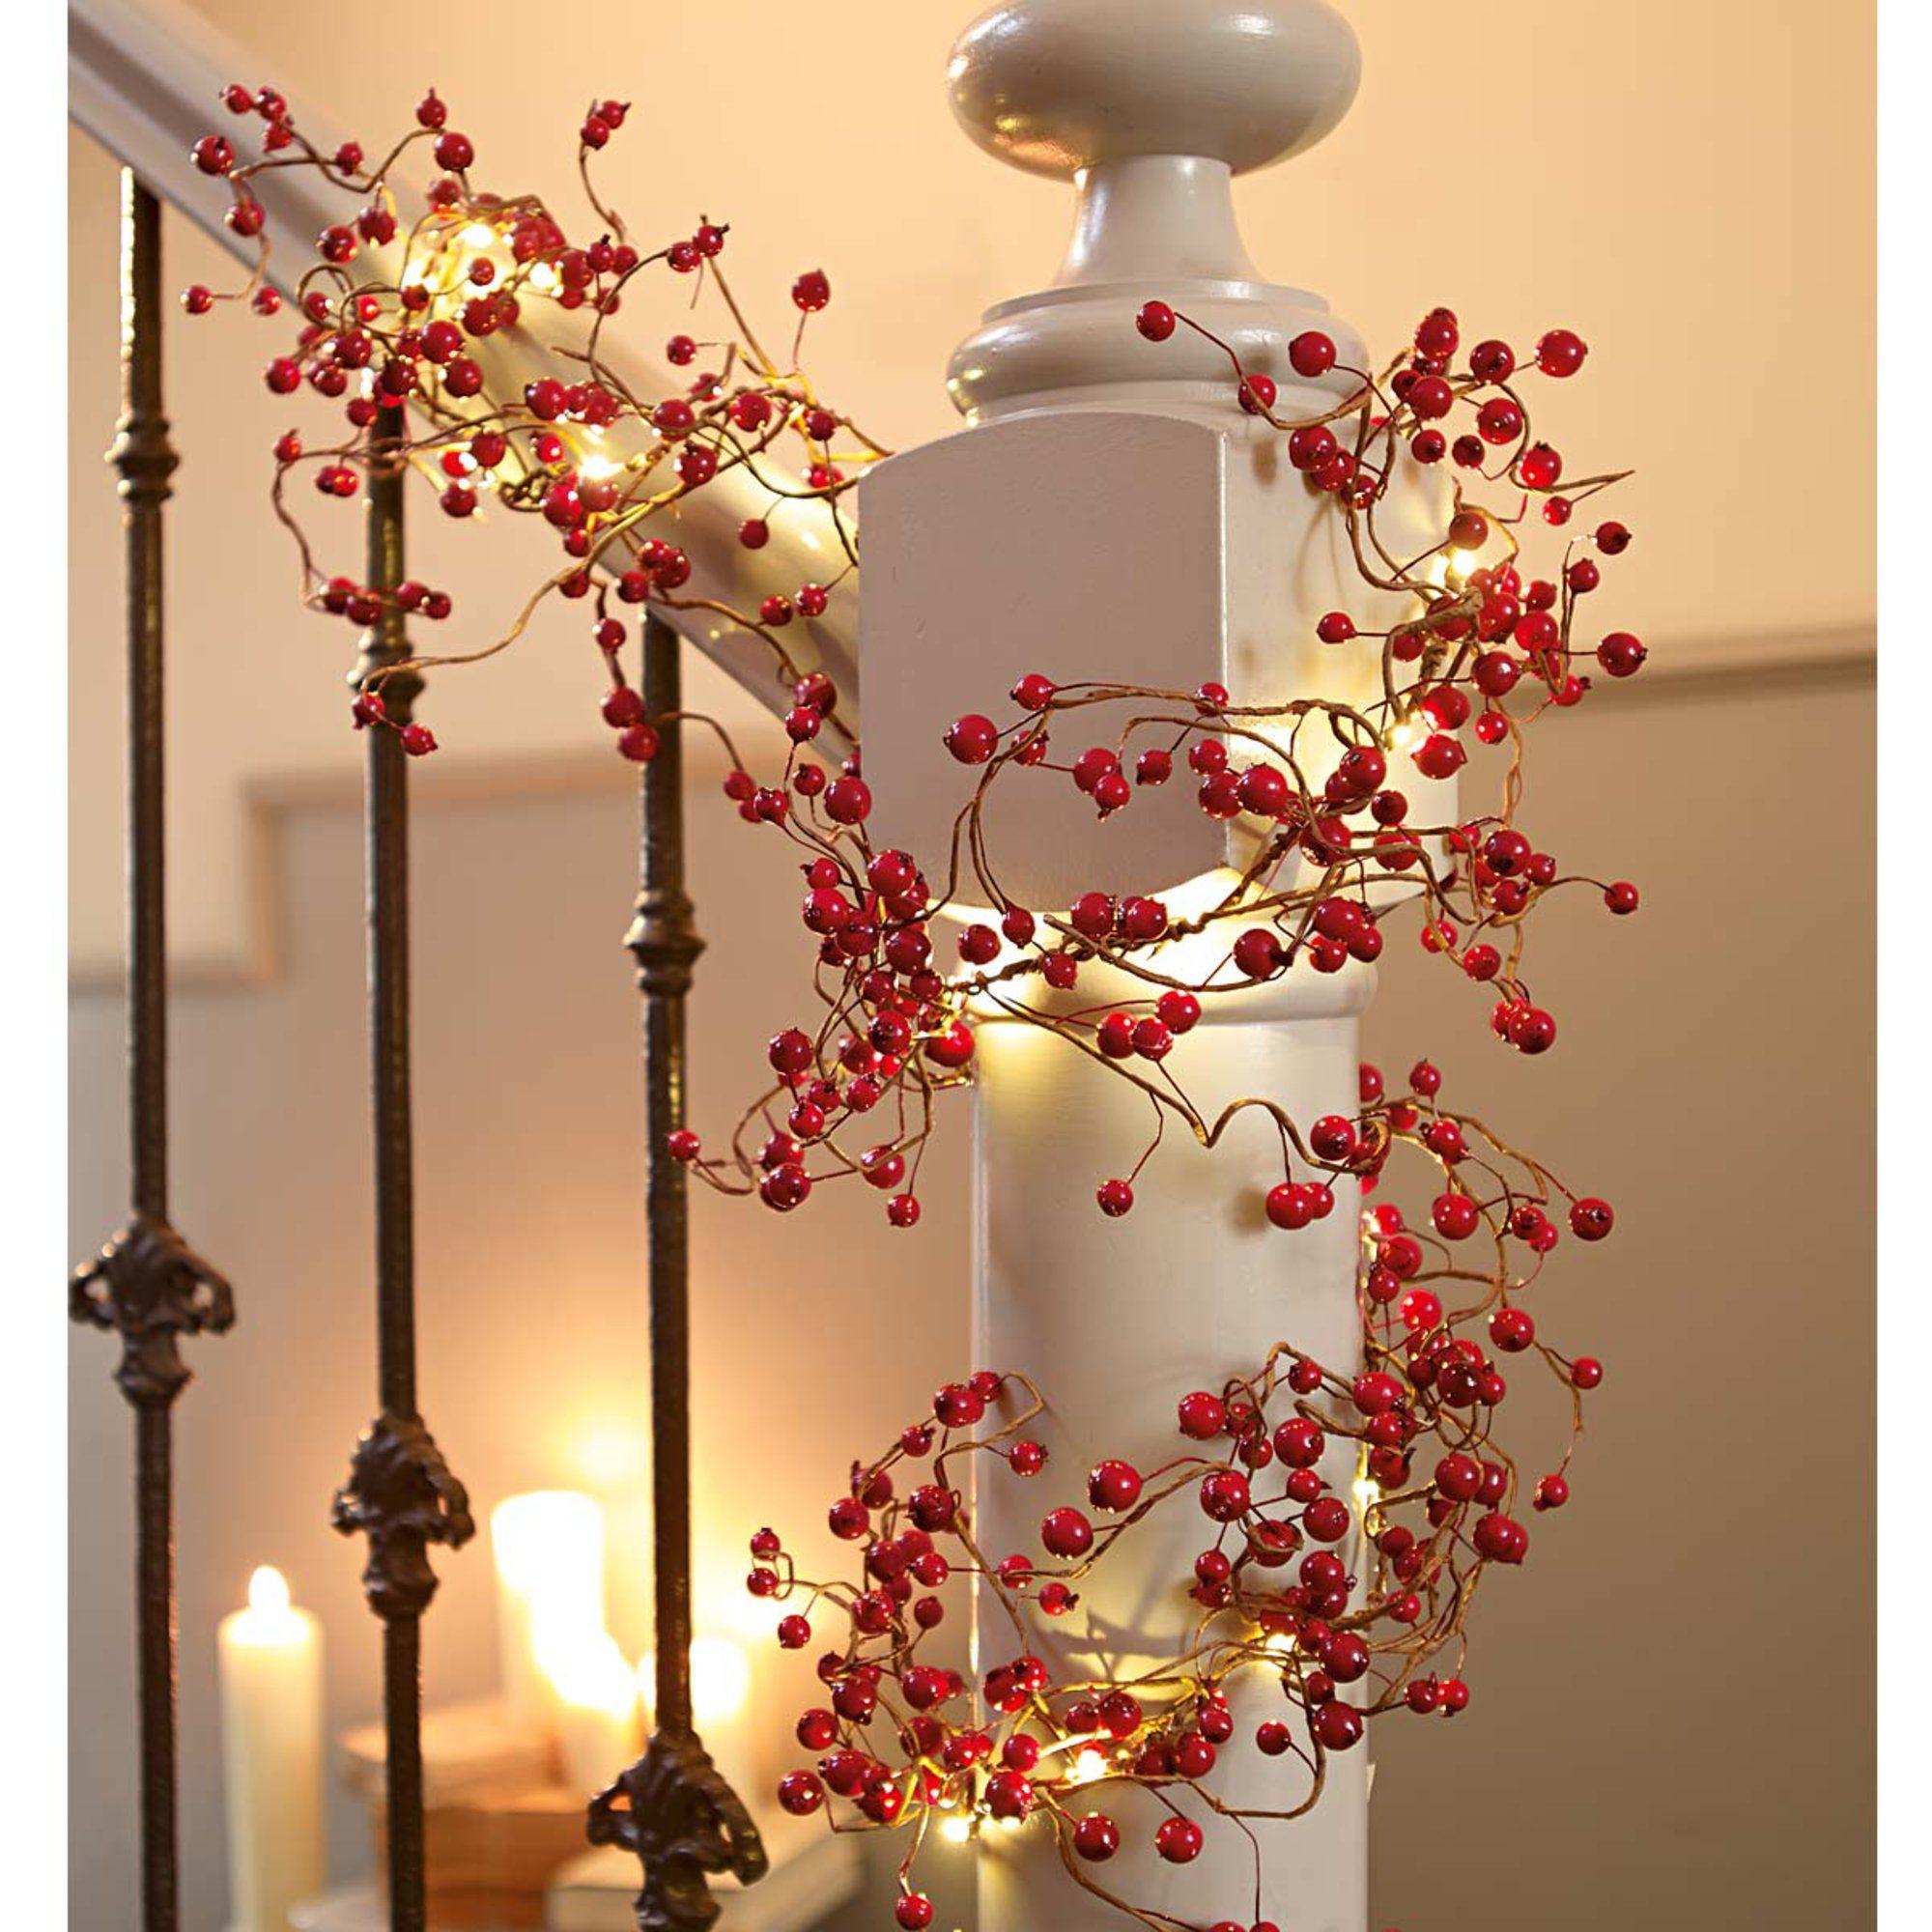 LED Lichterkette mit roten Beeren